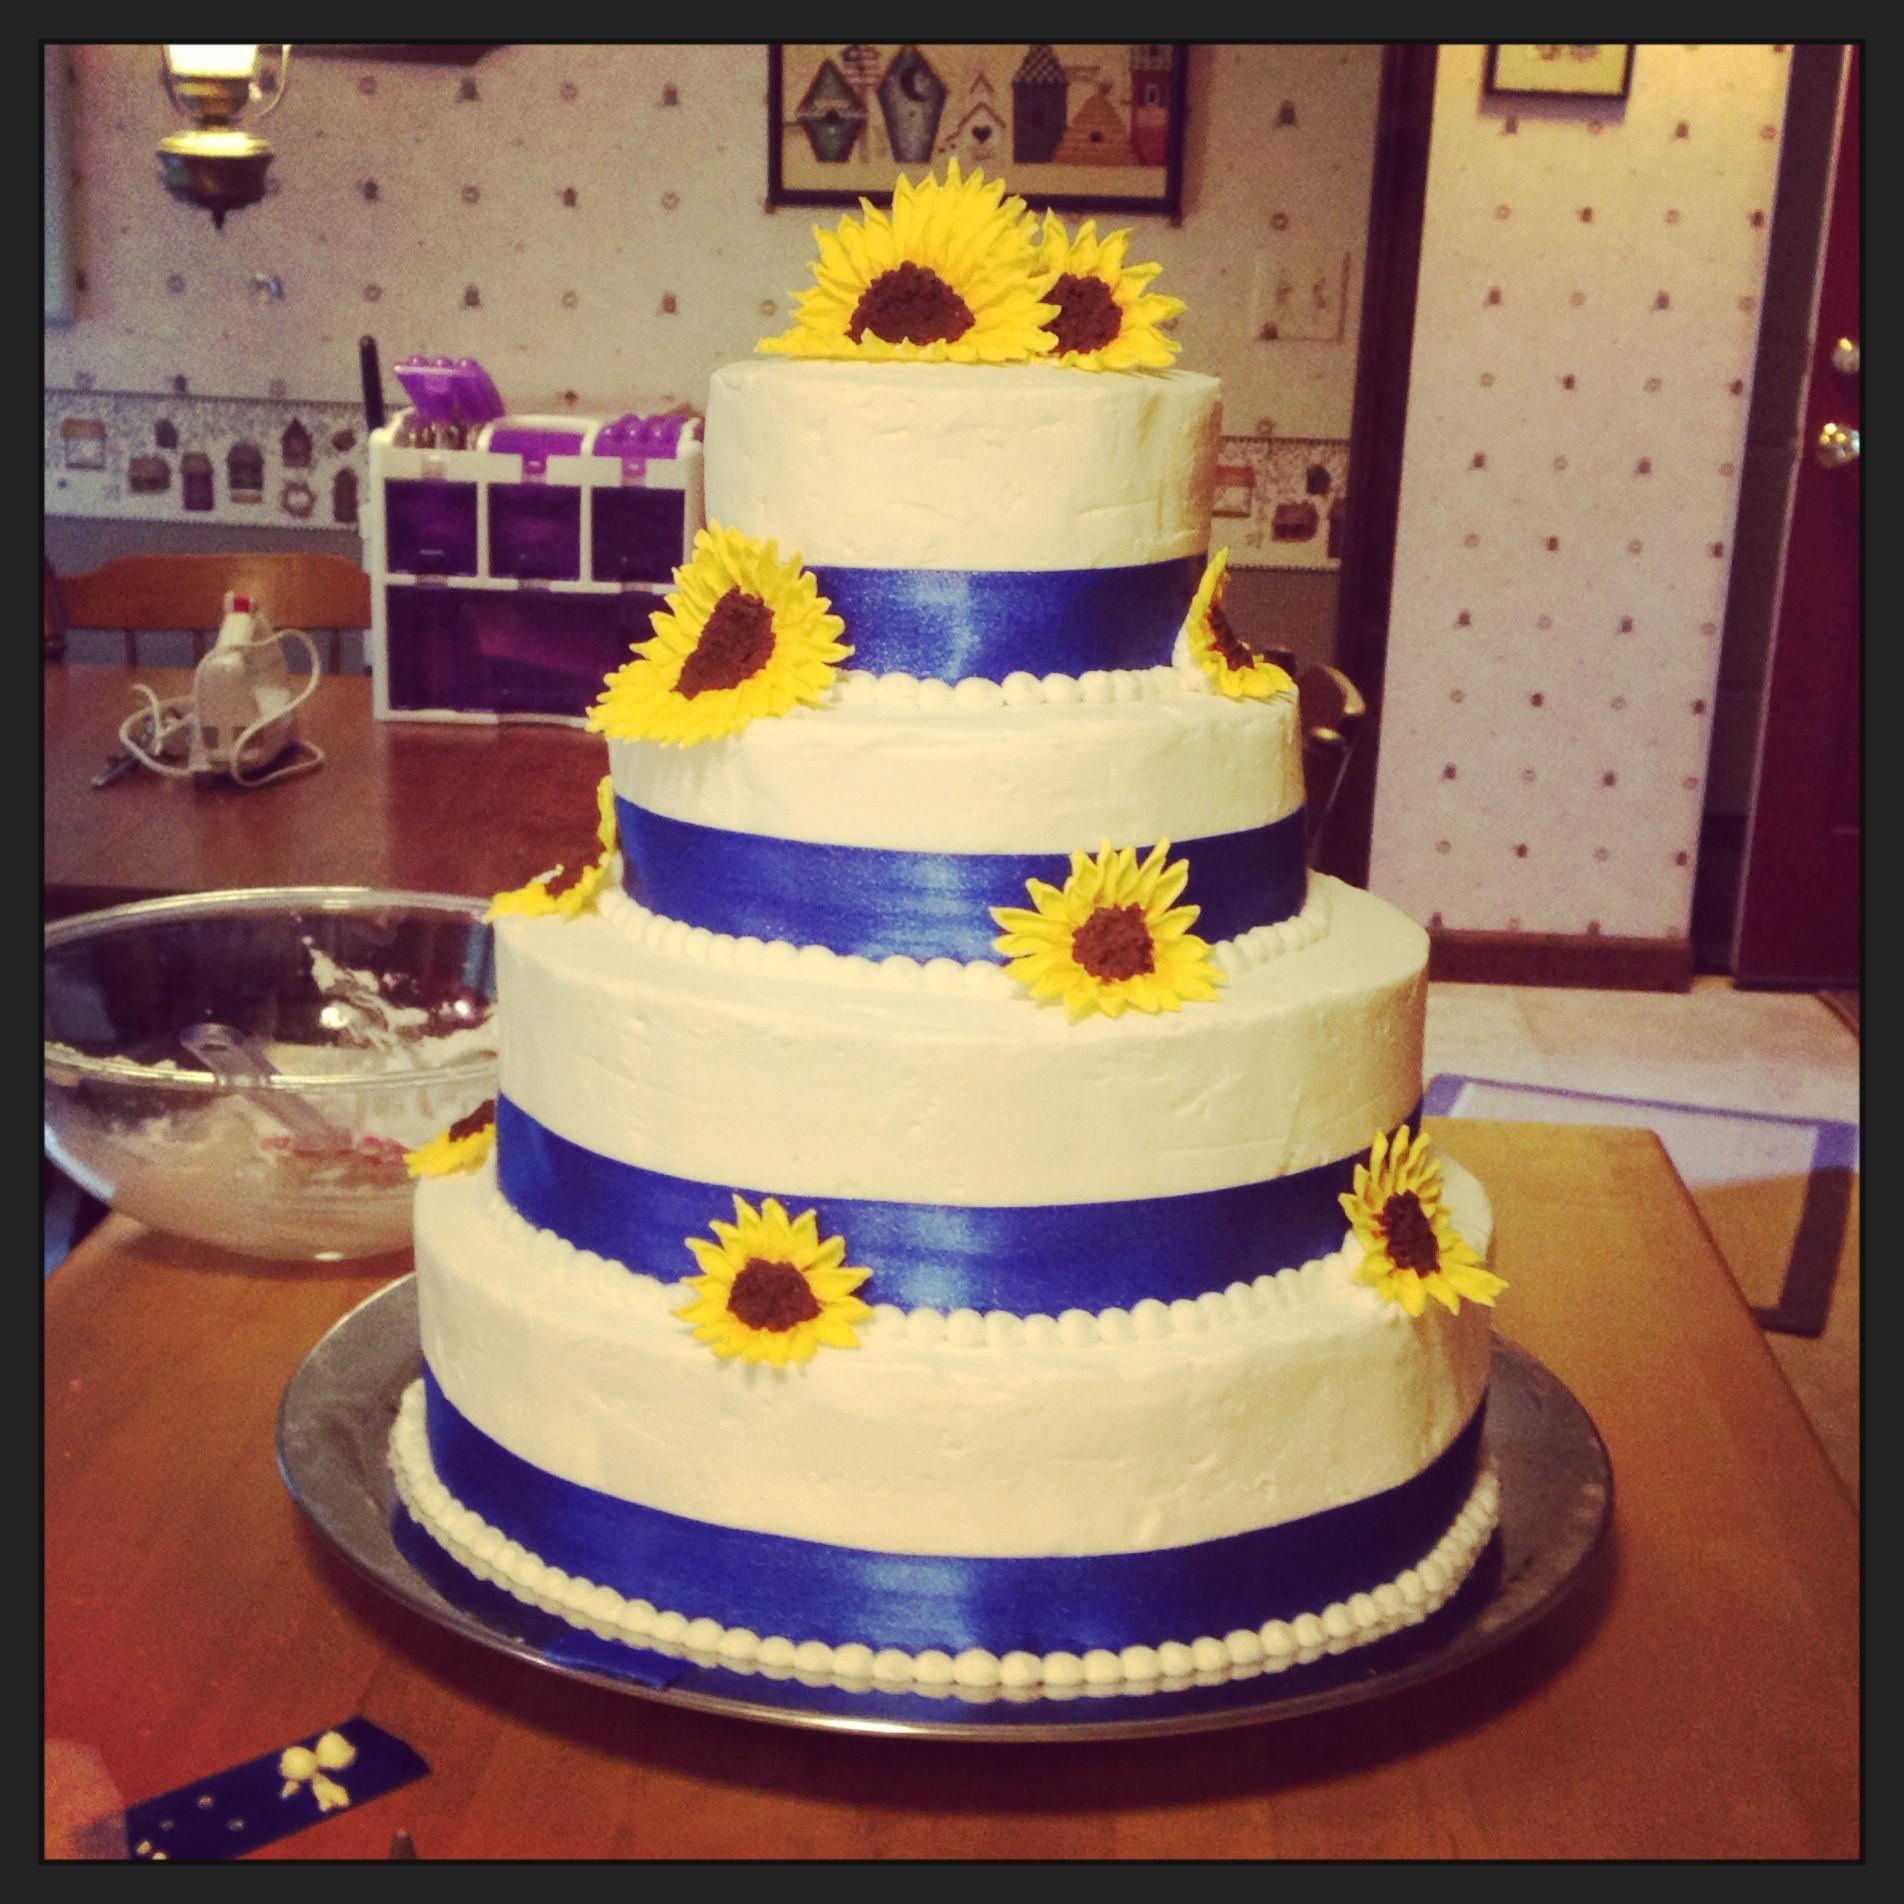 Best Wedding Cakes Ever  My Best Friend's Wedding Cake – Making My First Wedding